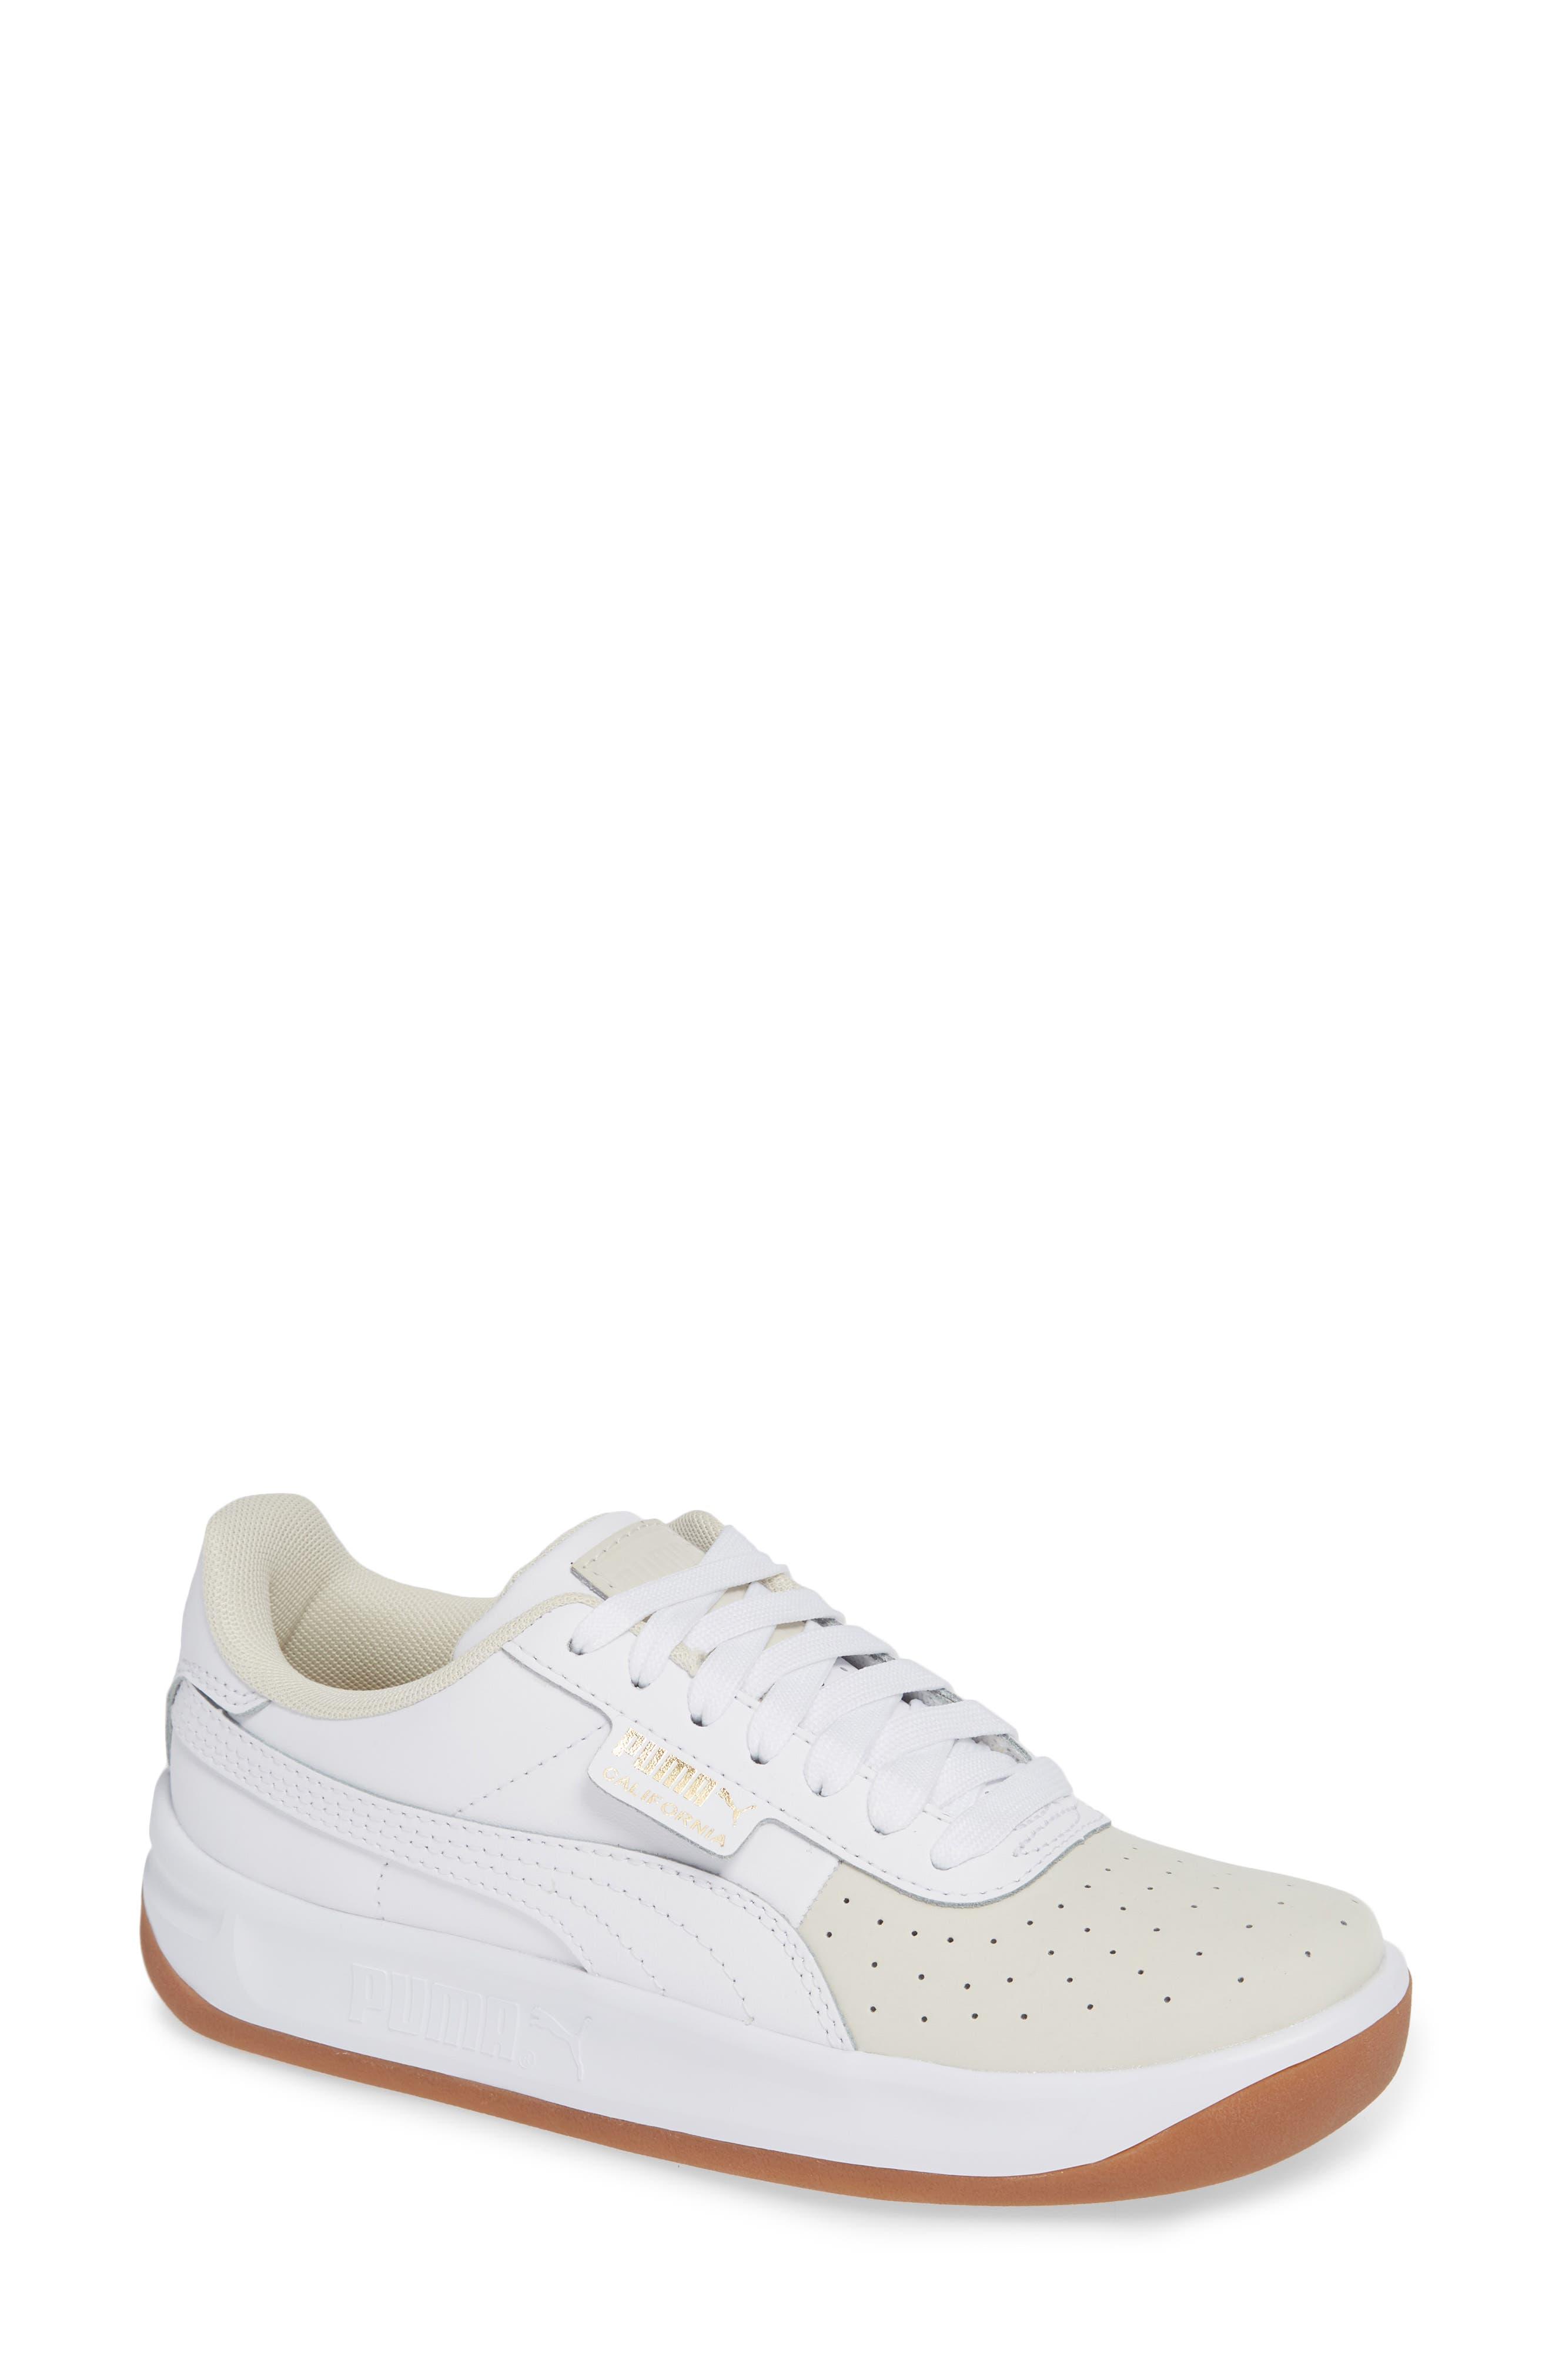 California Exotic Sneaker,                         Main,                         color, 100